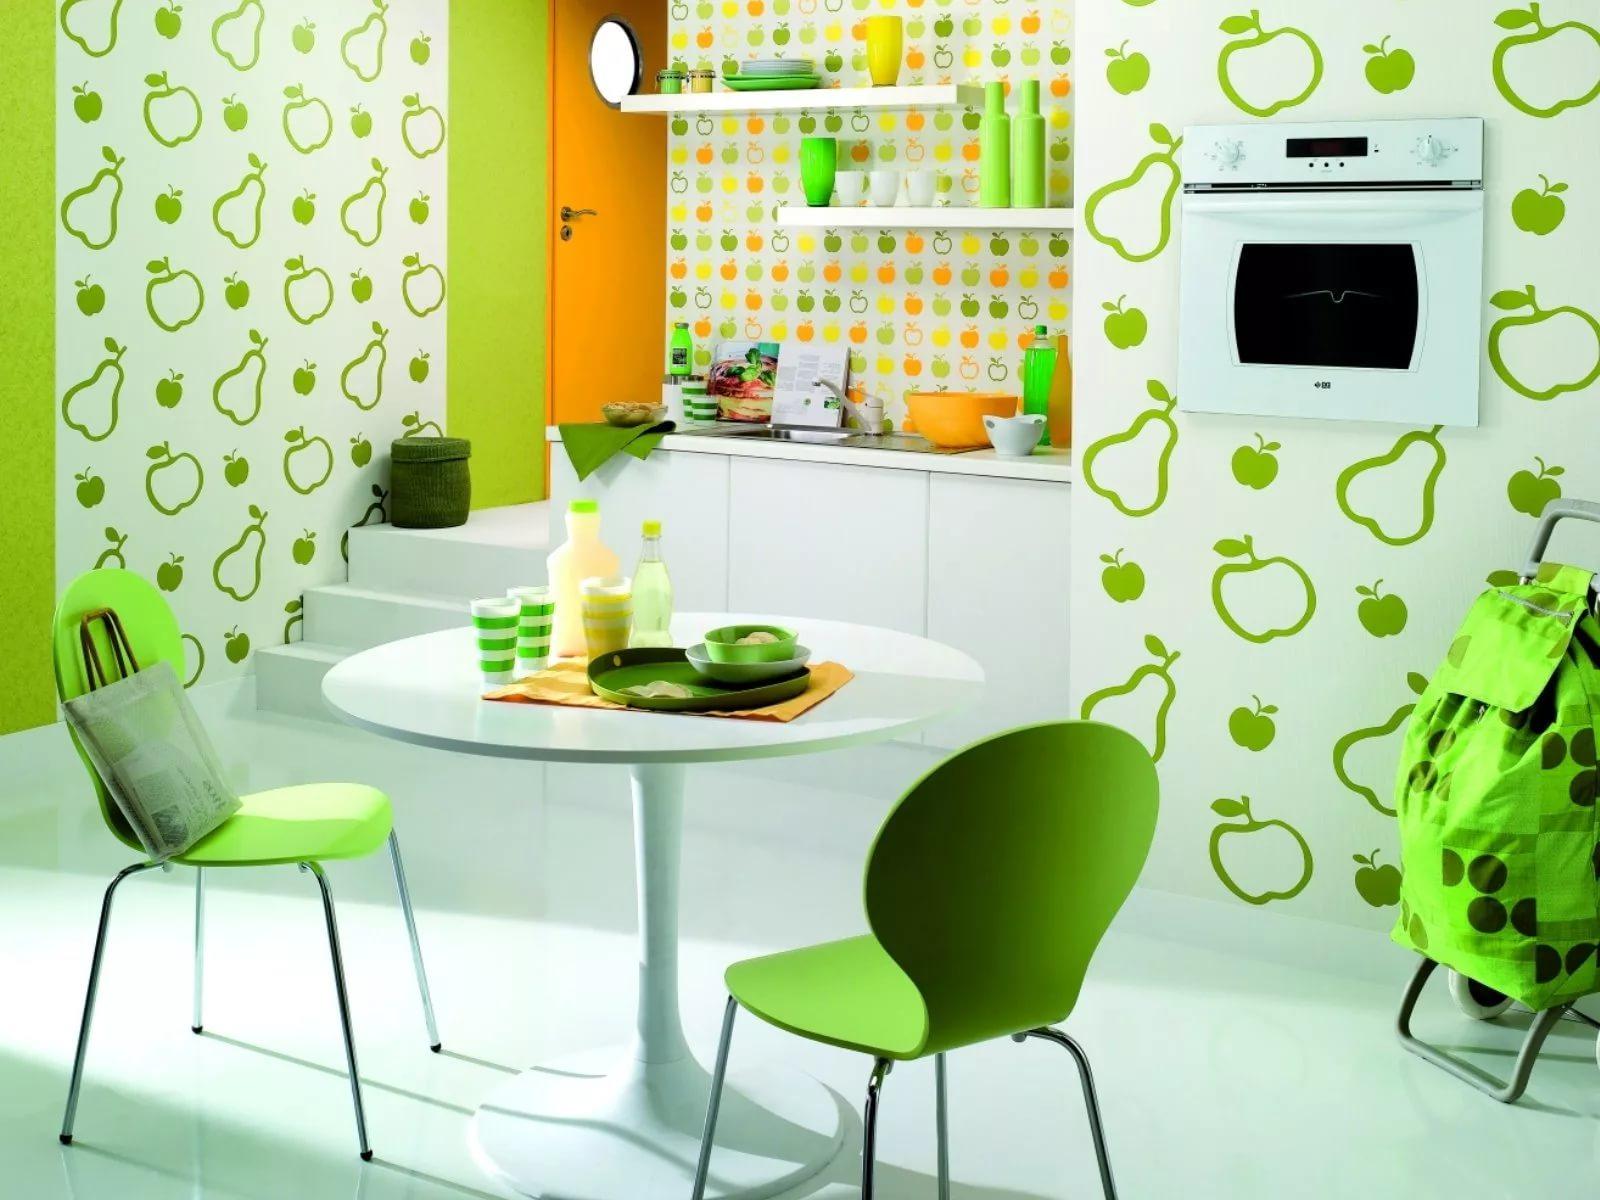 Обои для маленькой кухни: какие выбрать под дизайн небольшого помещения